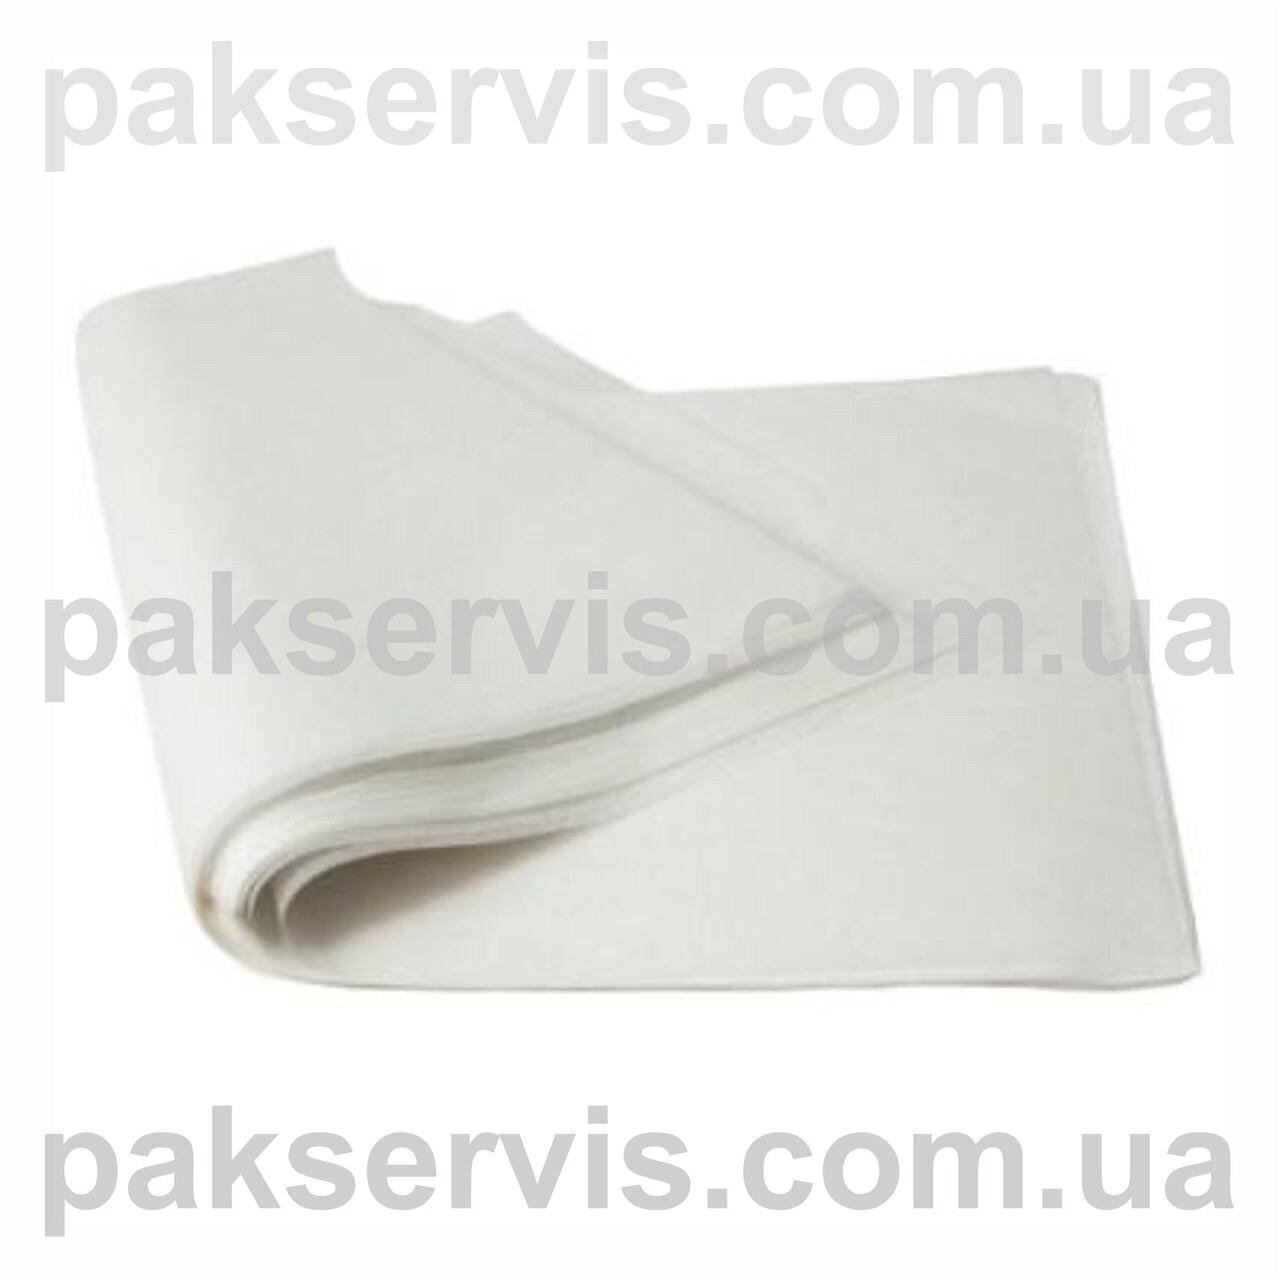 Бумага для выпечки Финская силиконизированная 40см х 60см (500 листов)